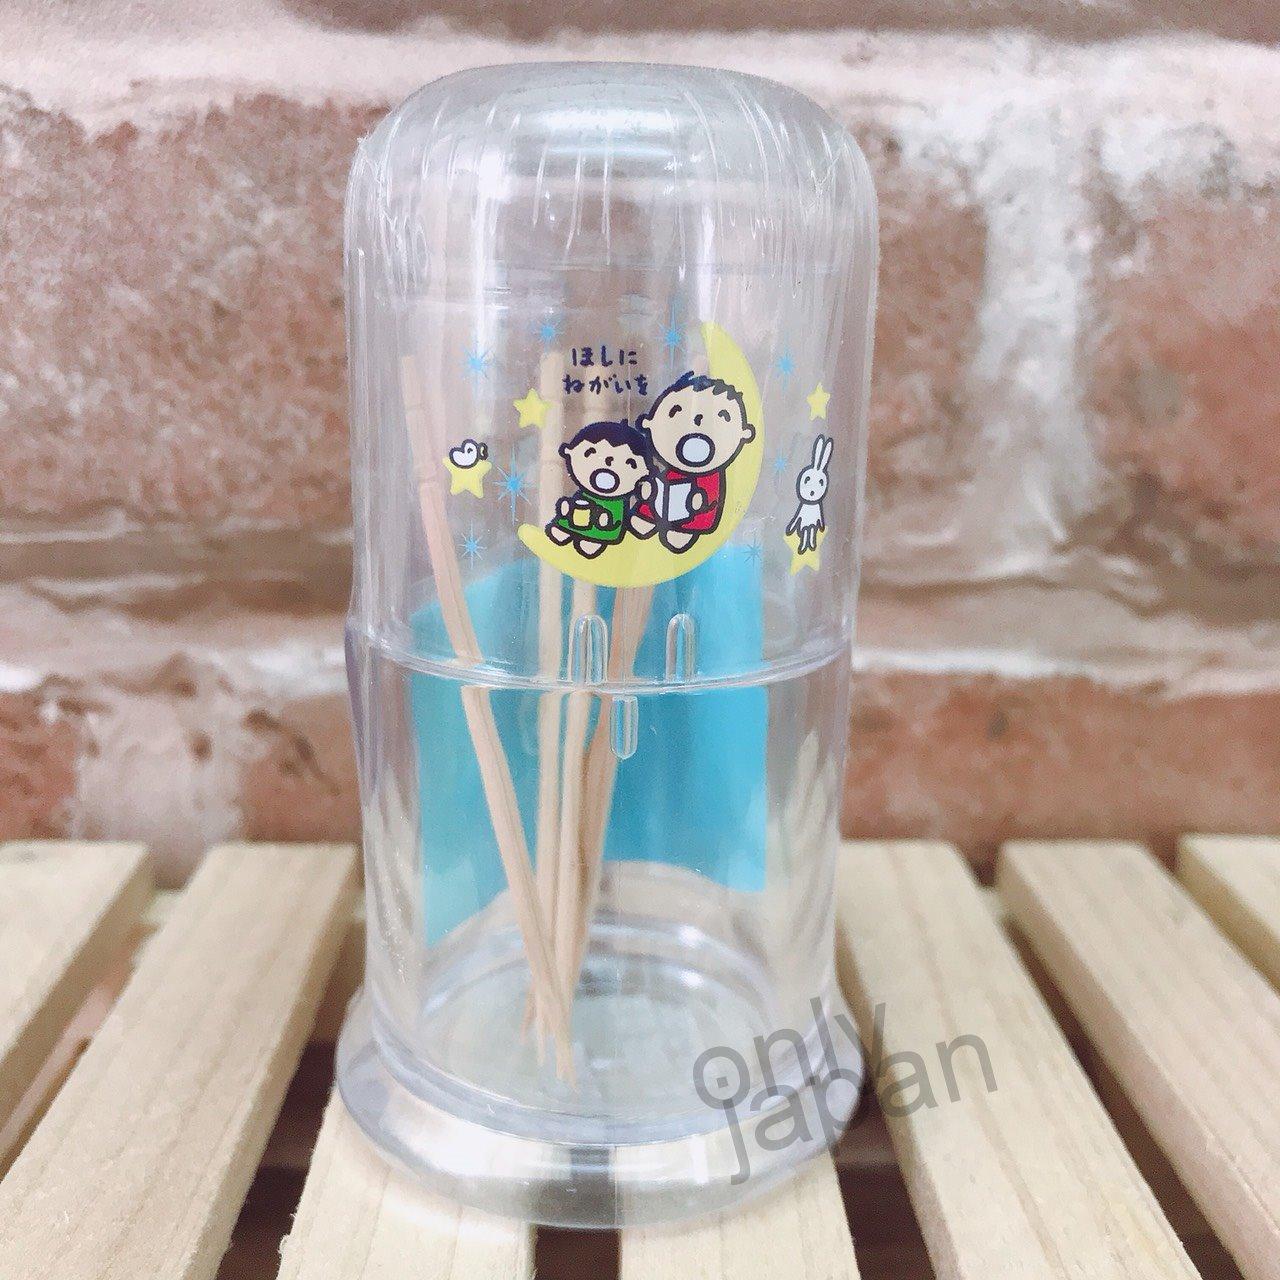 【真愛 】5112300042 透明牙籤罐星星 Tabo 大口仔 大寶 牙籤罐 棉棒罐 居家雜物 小物收納罐